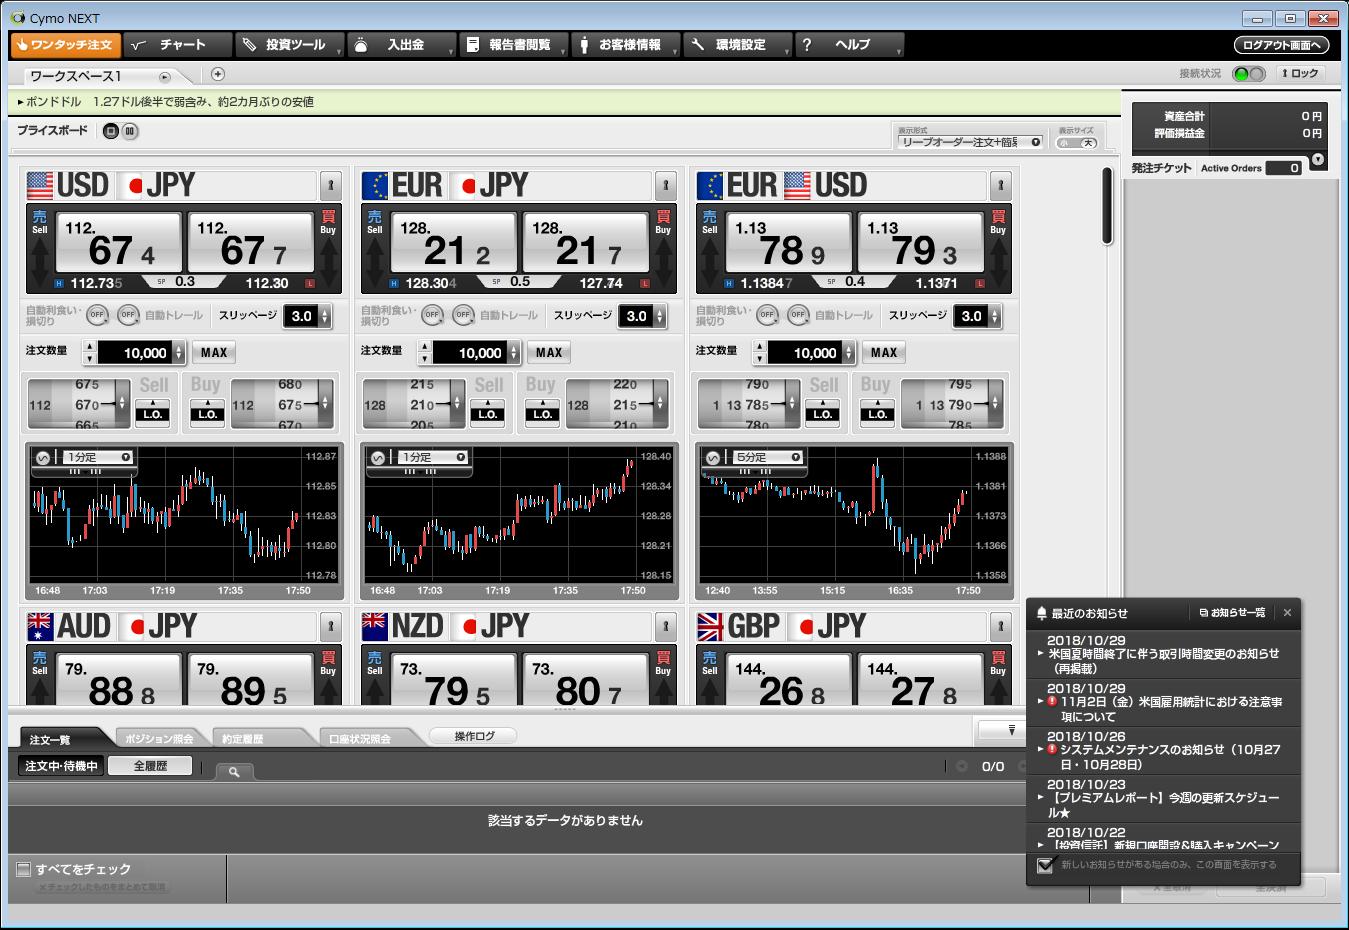 本格的な次世代FXトレーディングツール「Cymo Next」